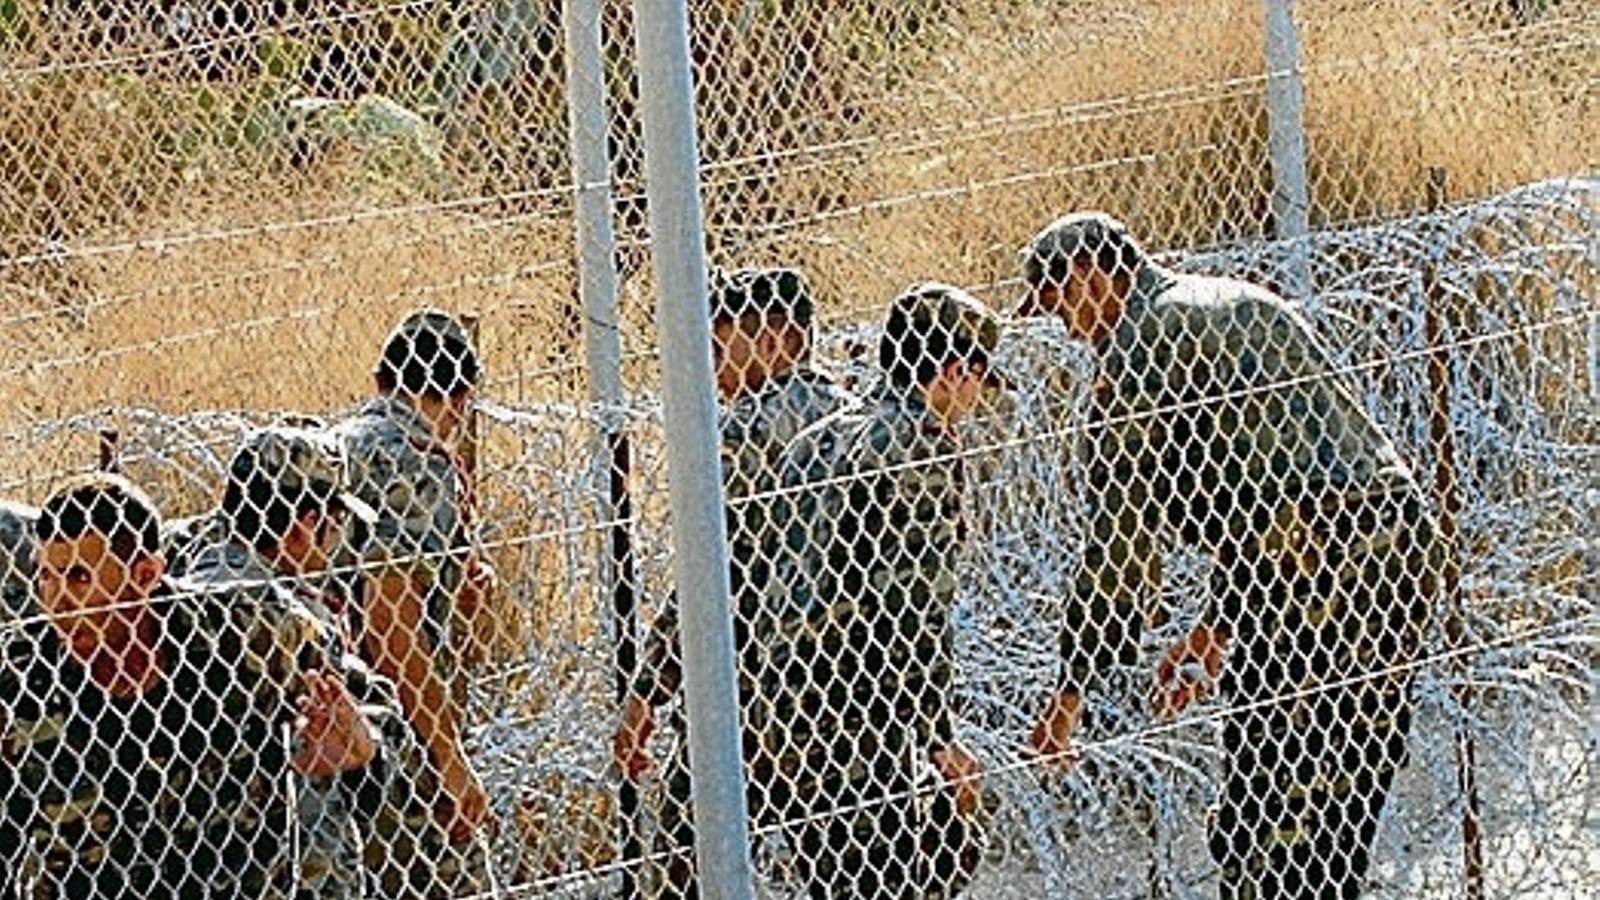 Europa subcontracta dictadures per blindar les seves fronteres